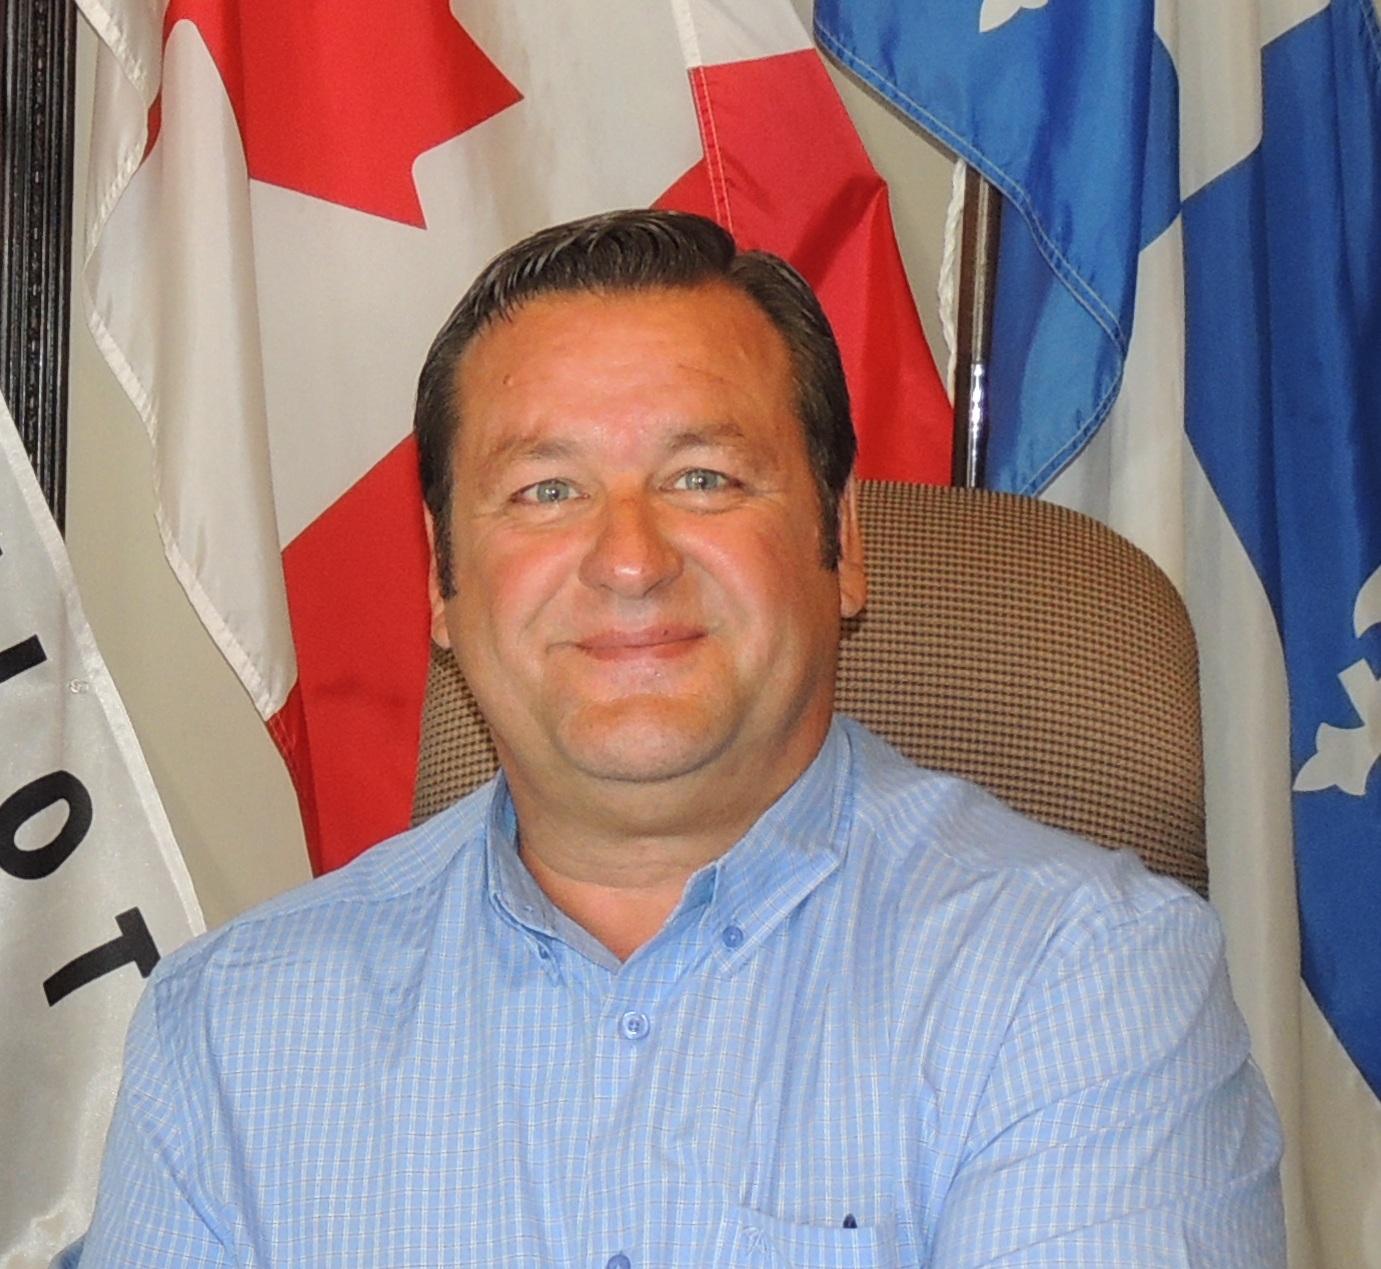 Saint-Ludger-de-Milot: Marc Laliberté veut continuer de servir sa population